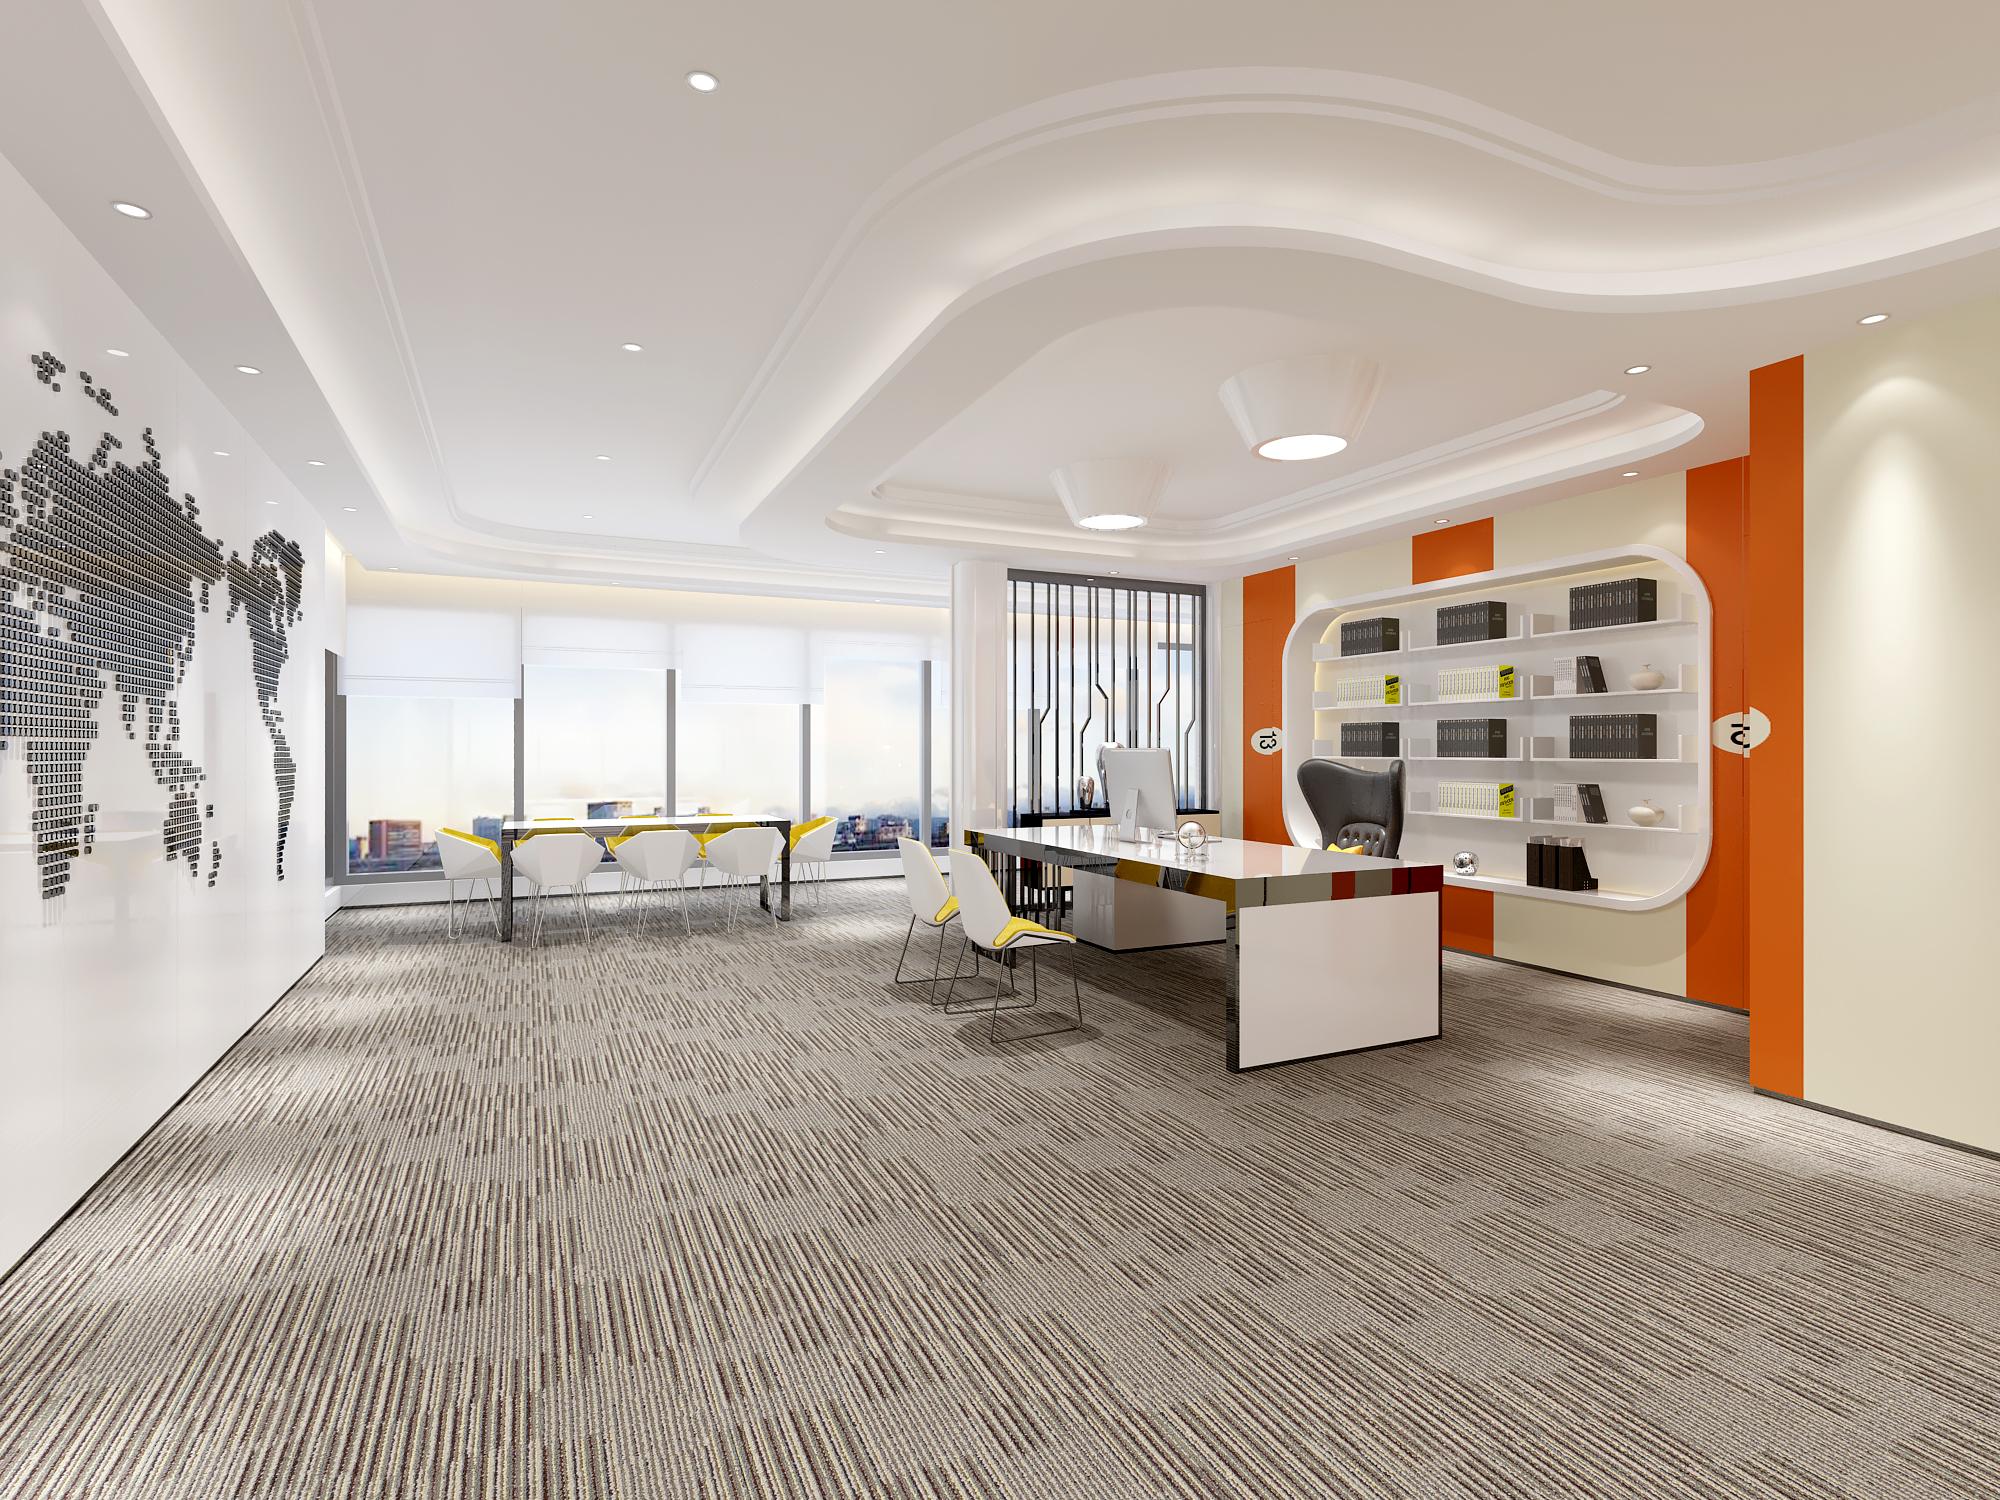 设计,总经理办公室装修设计,临沂办公室装修效果图